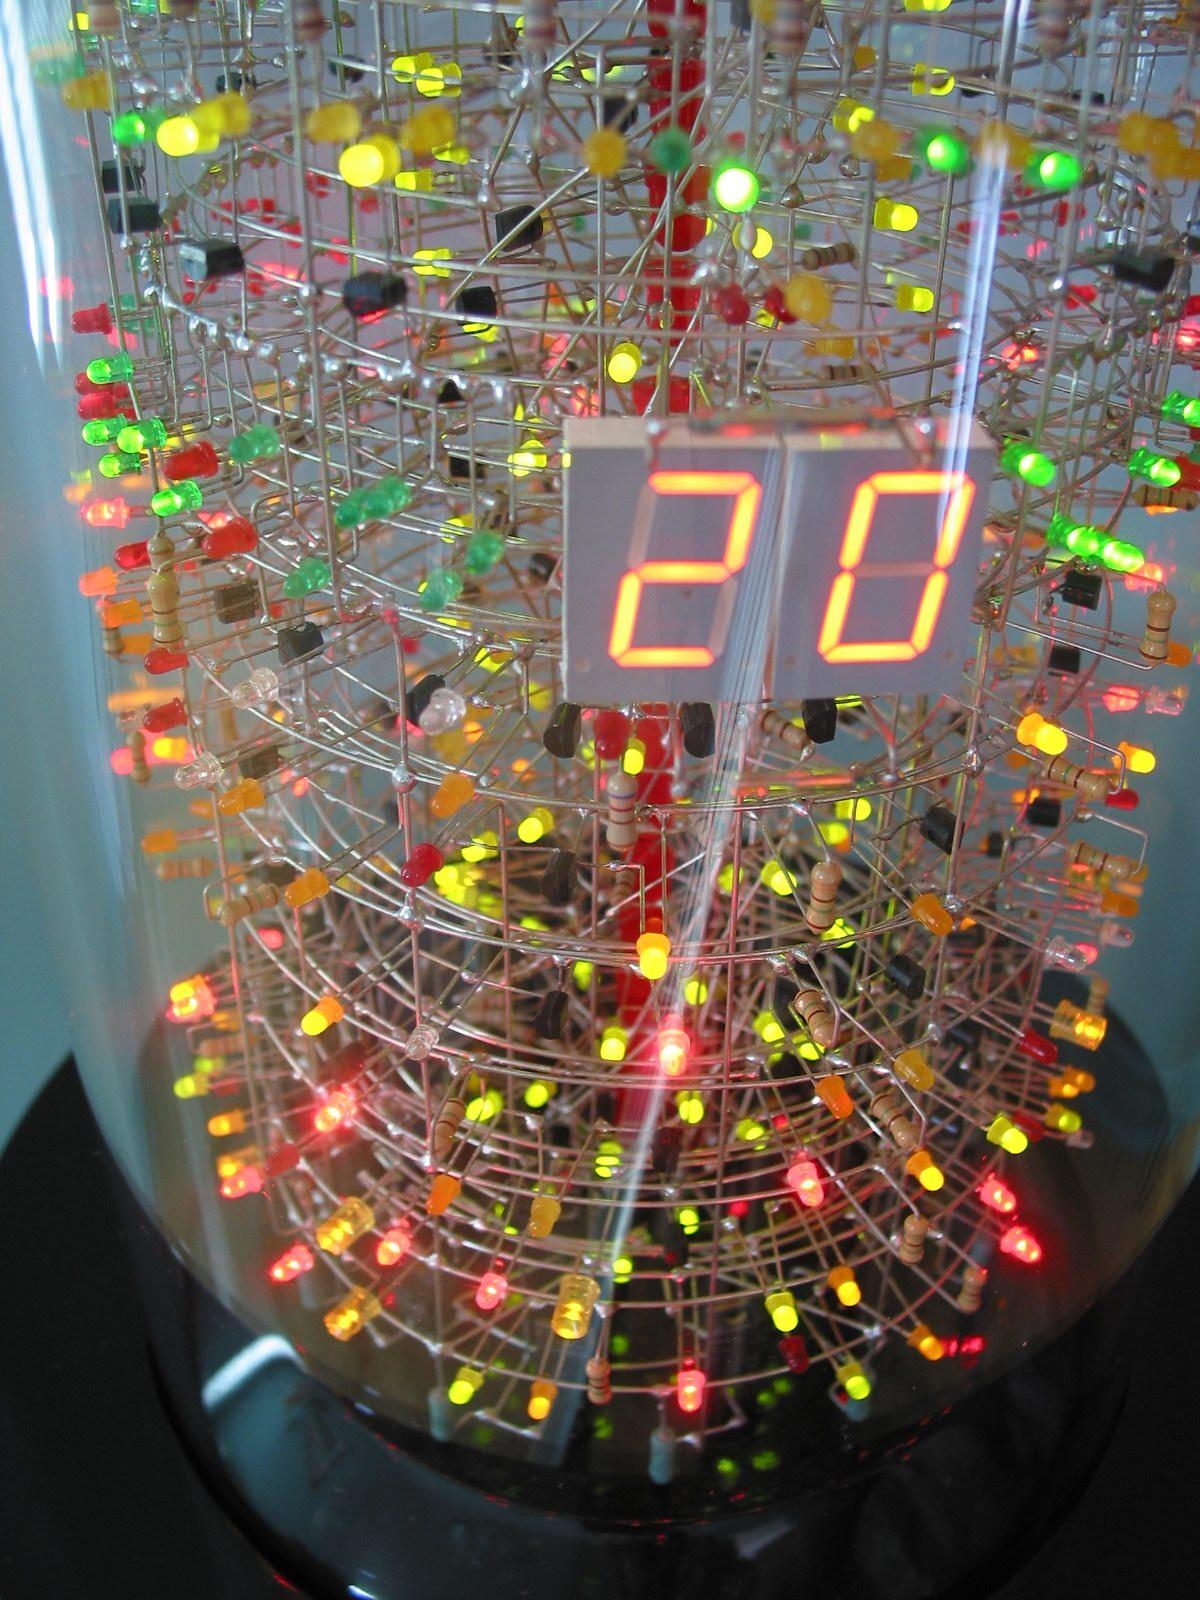 Soldering Savant Makes Insane 1,400-LED Tower